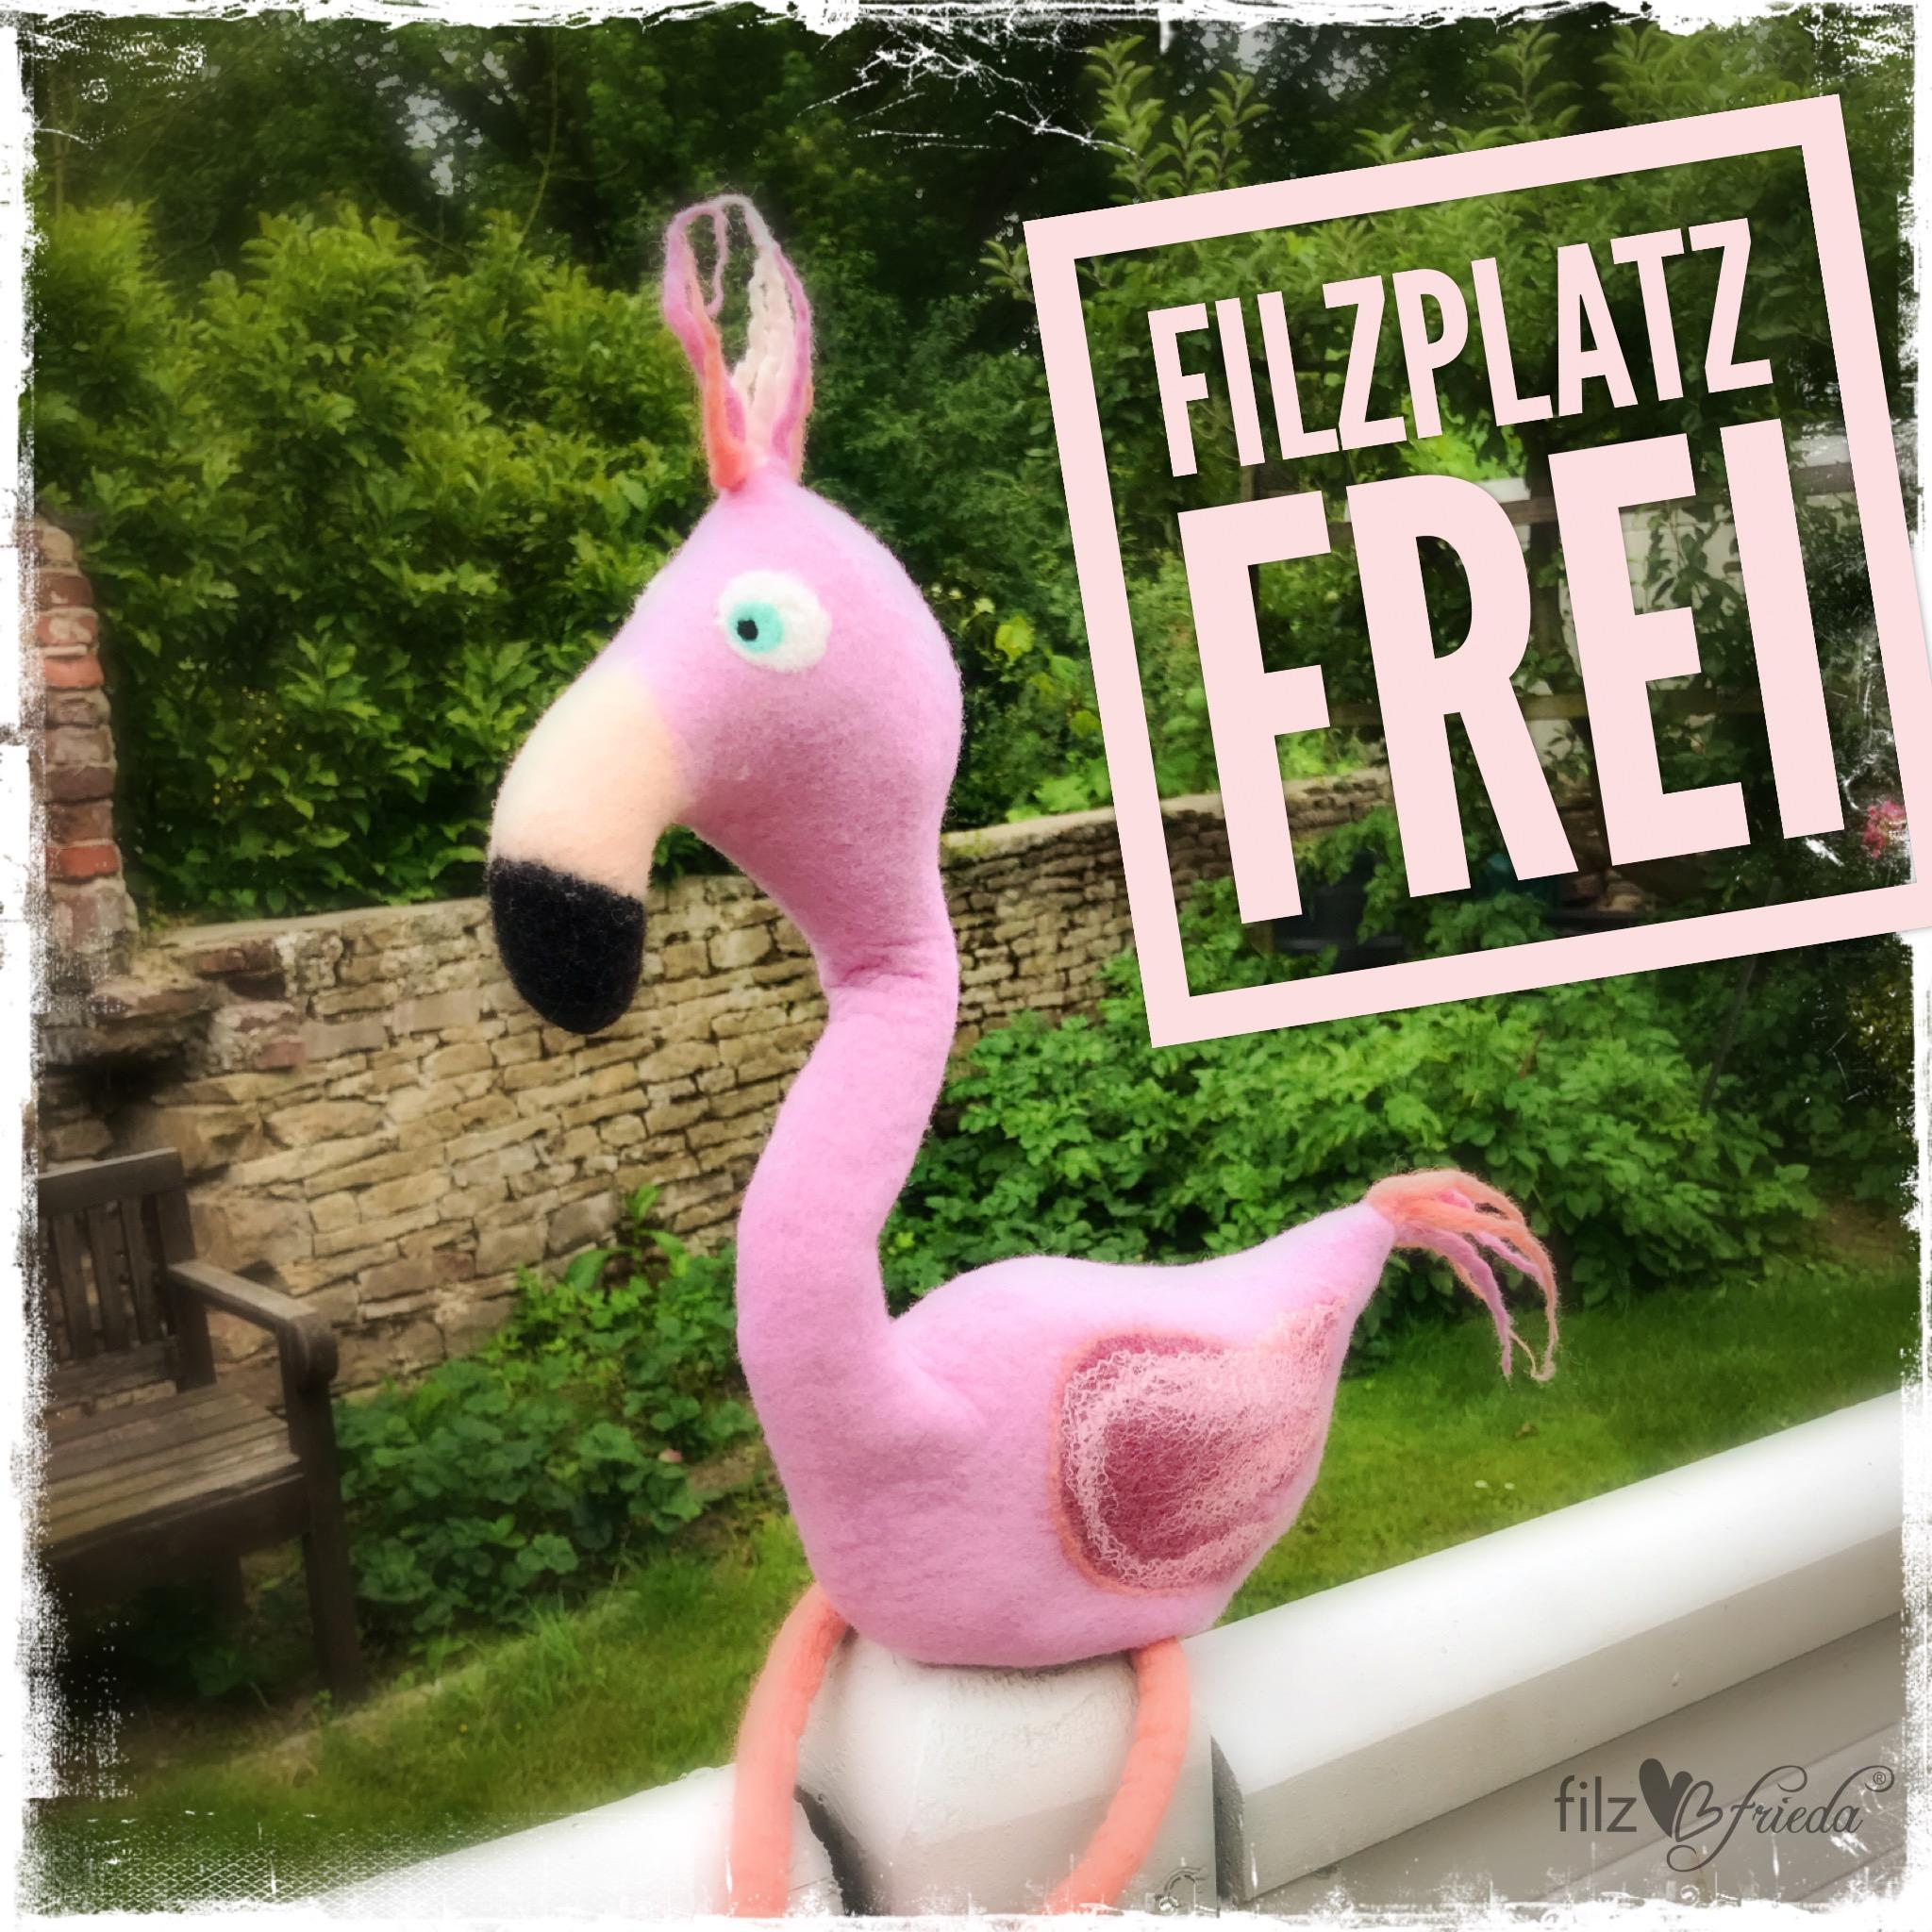 Witzige Filzwesen & filzen für den Sommer … Plätze frei!